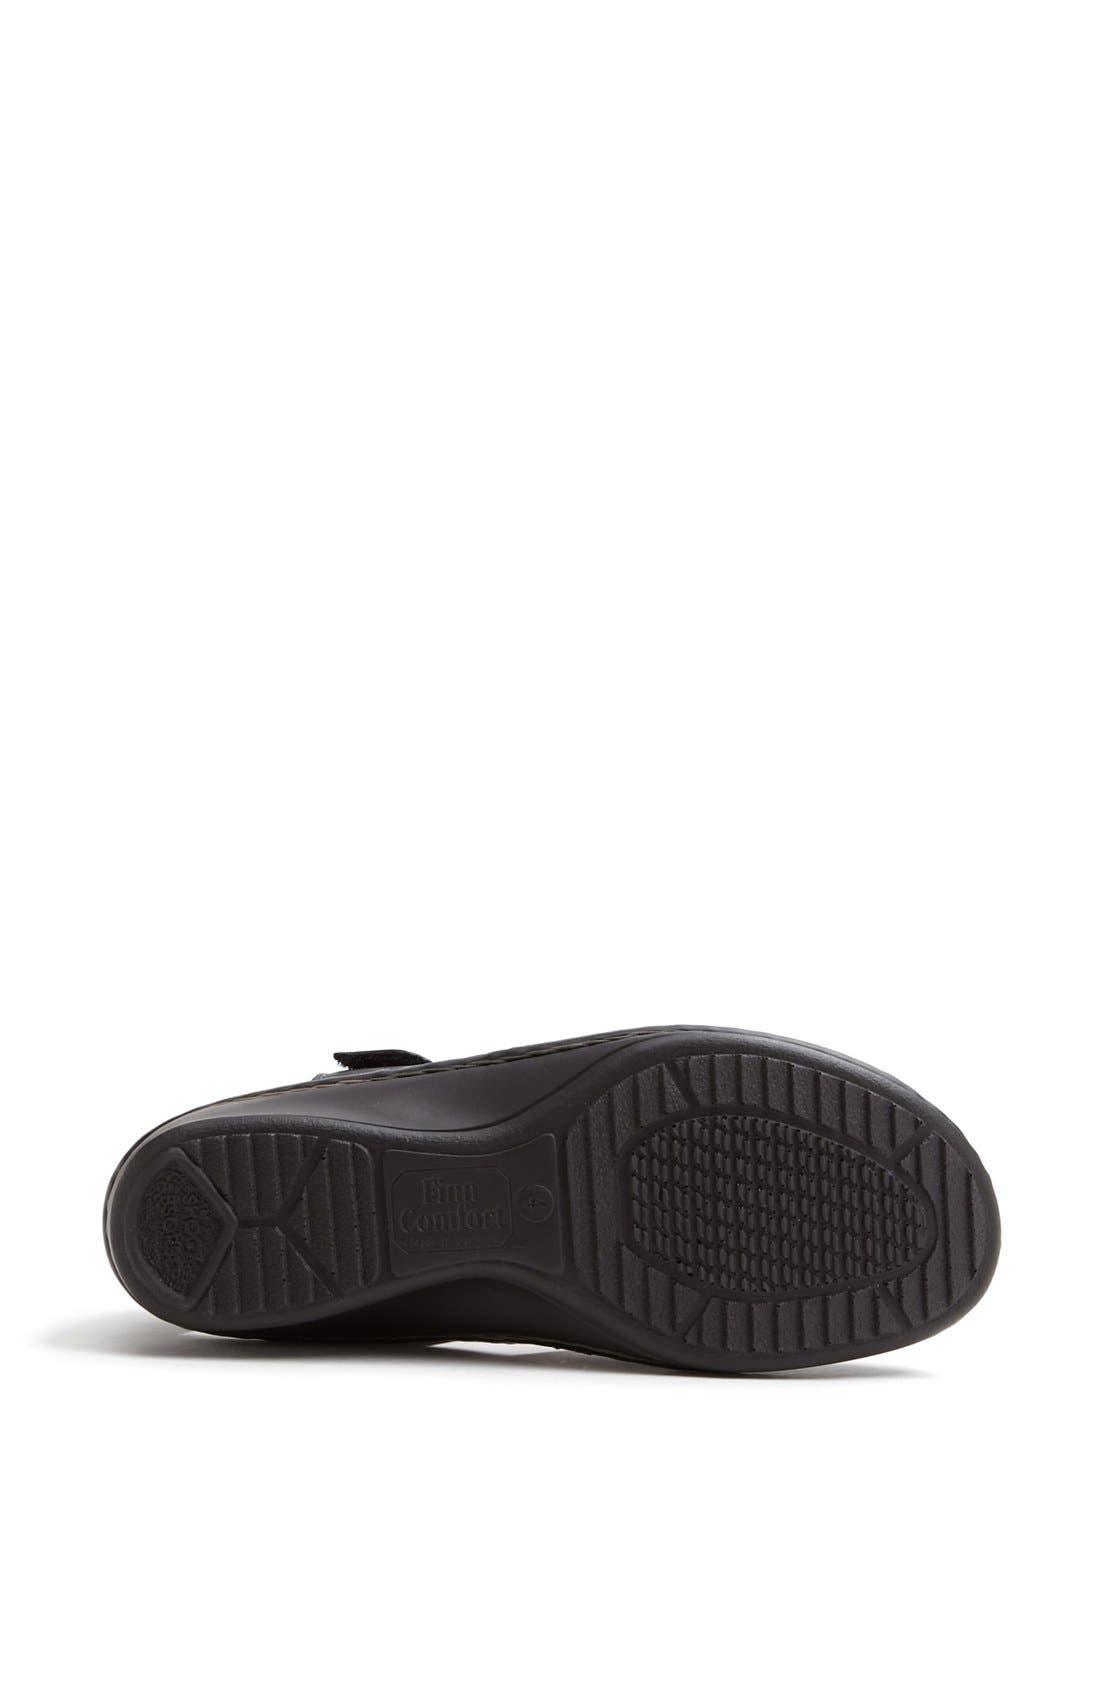 'Funnen' Sandal,                             Alternate thumbnail 4, color,                             BLACK